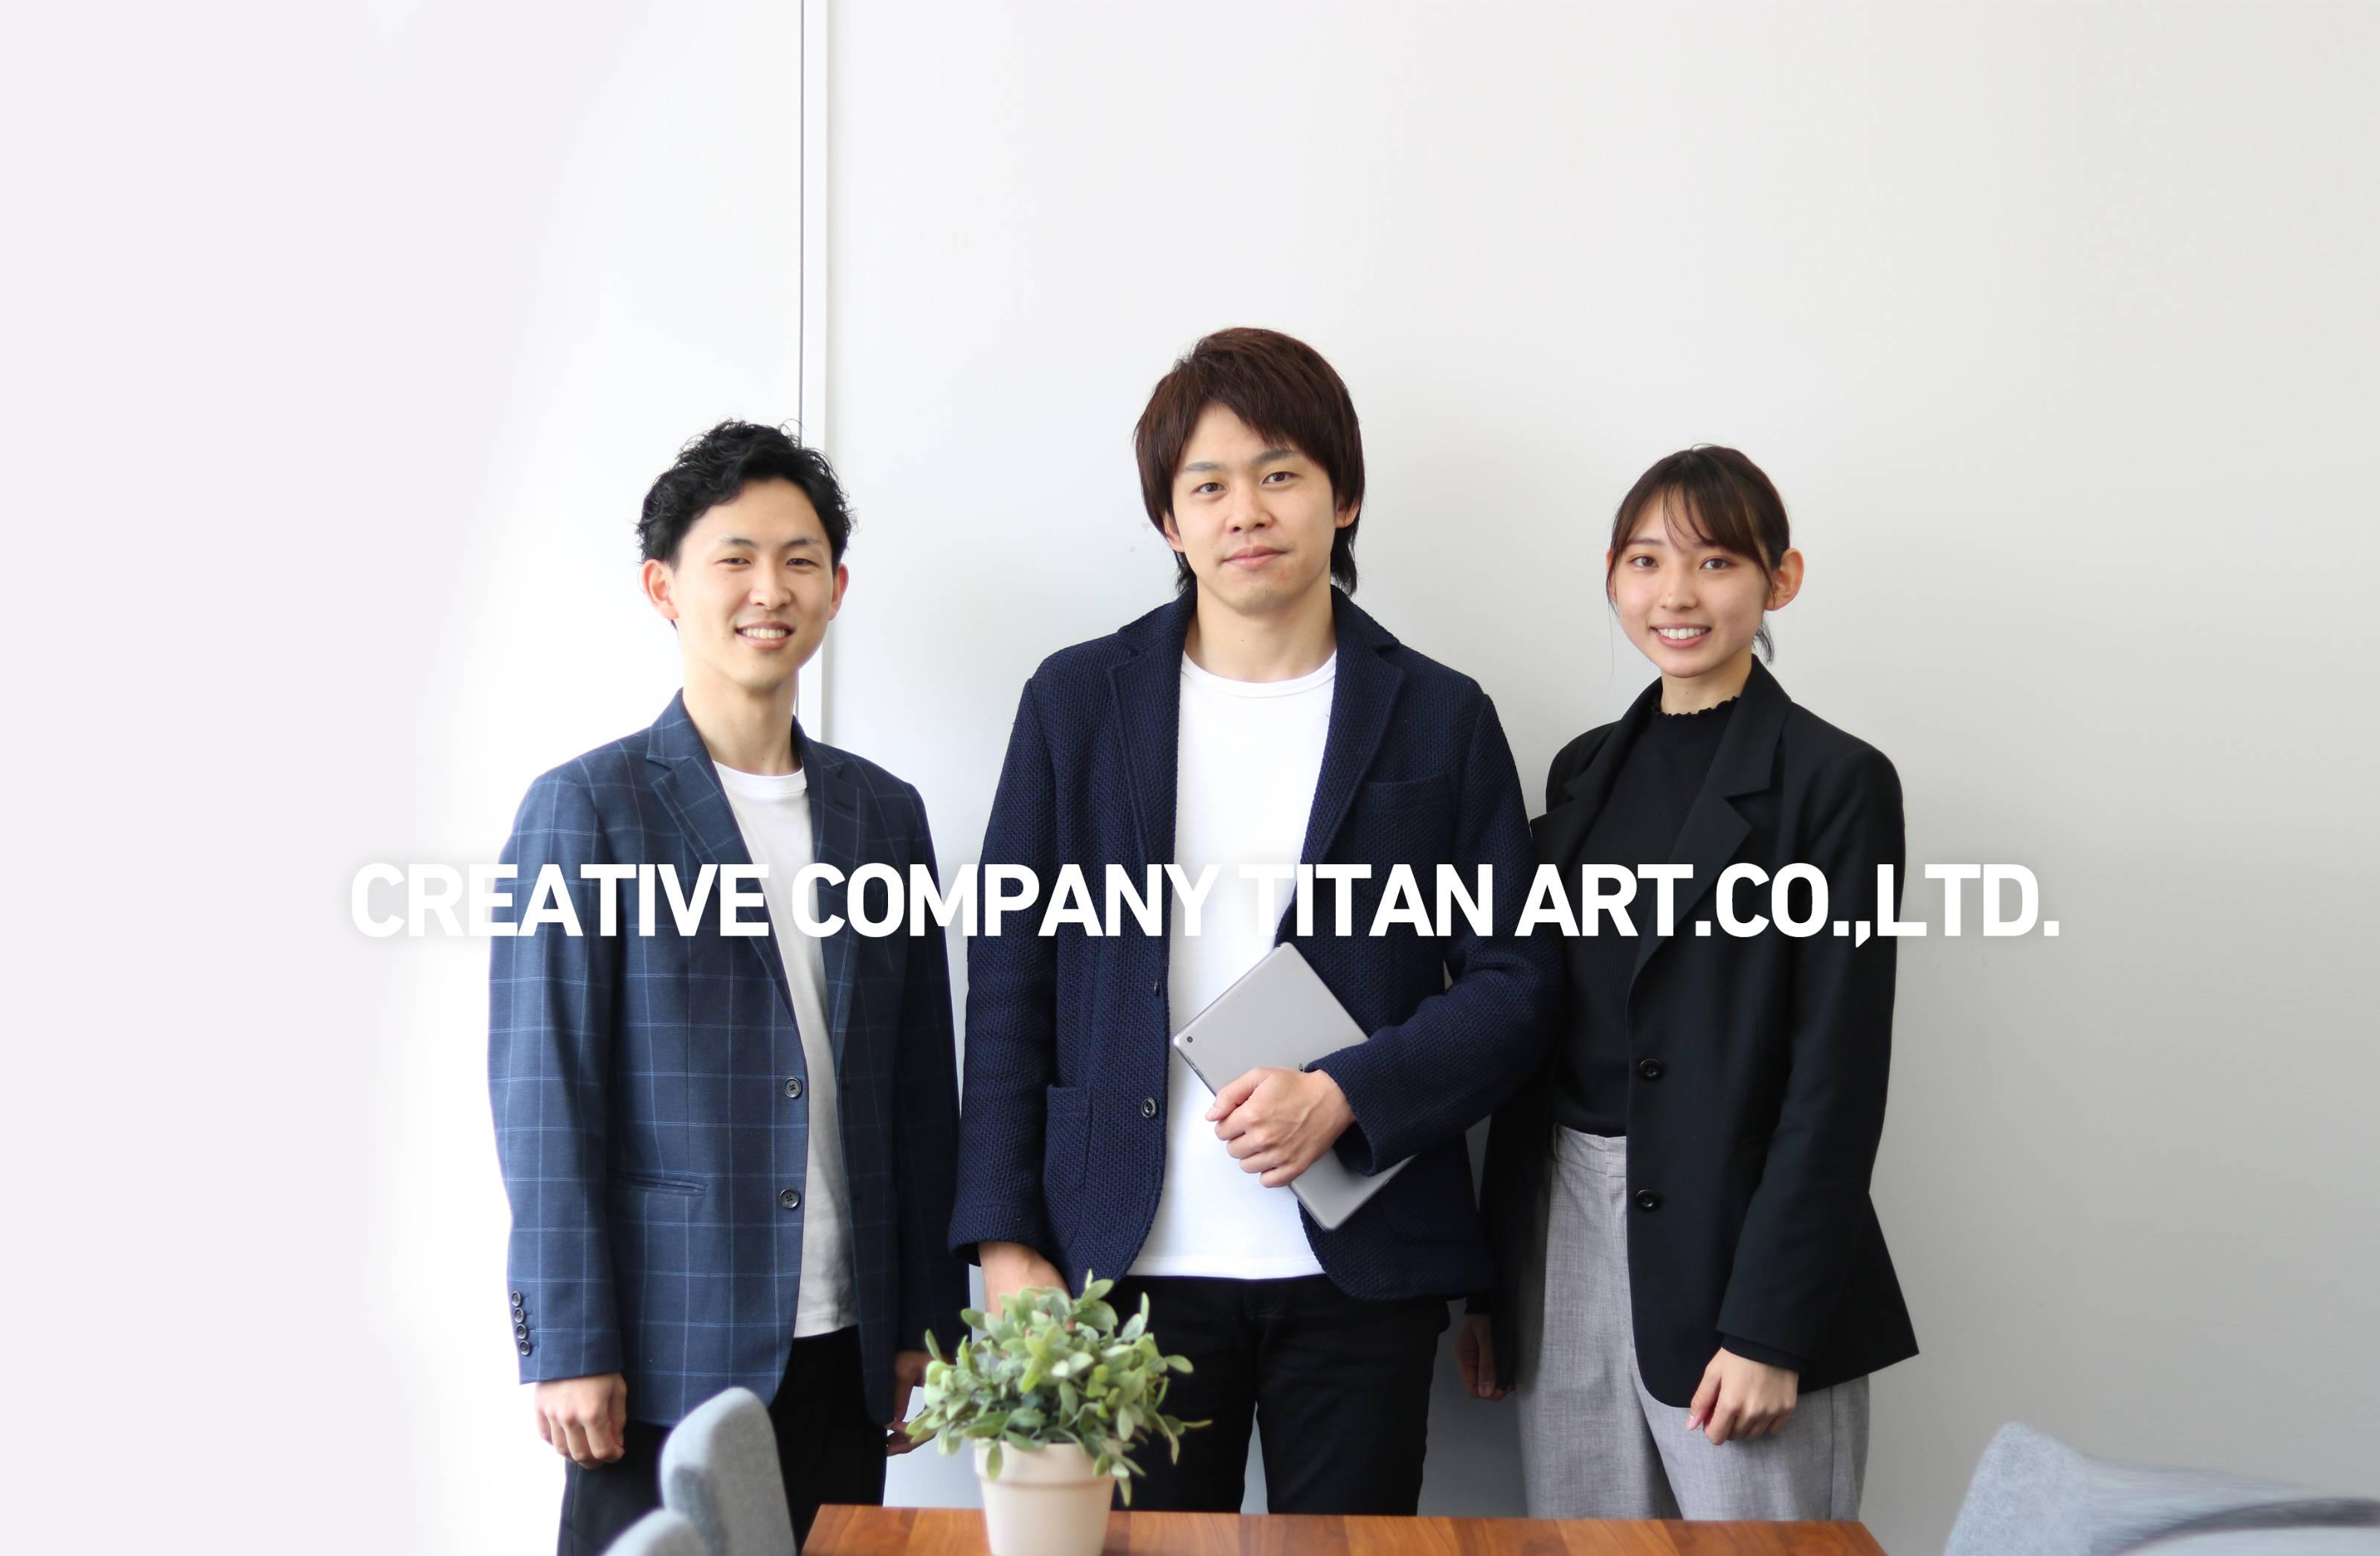 株式会社タイタン・アート